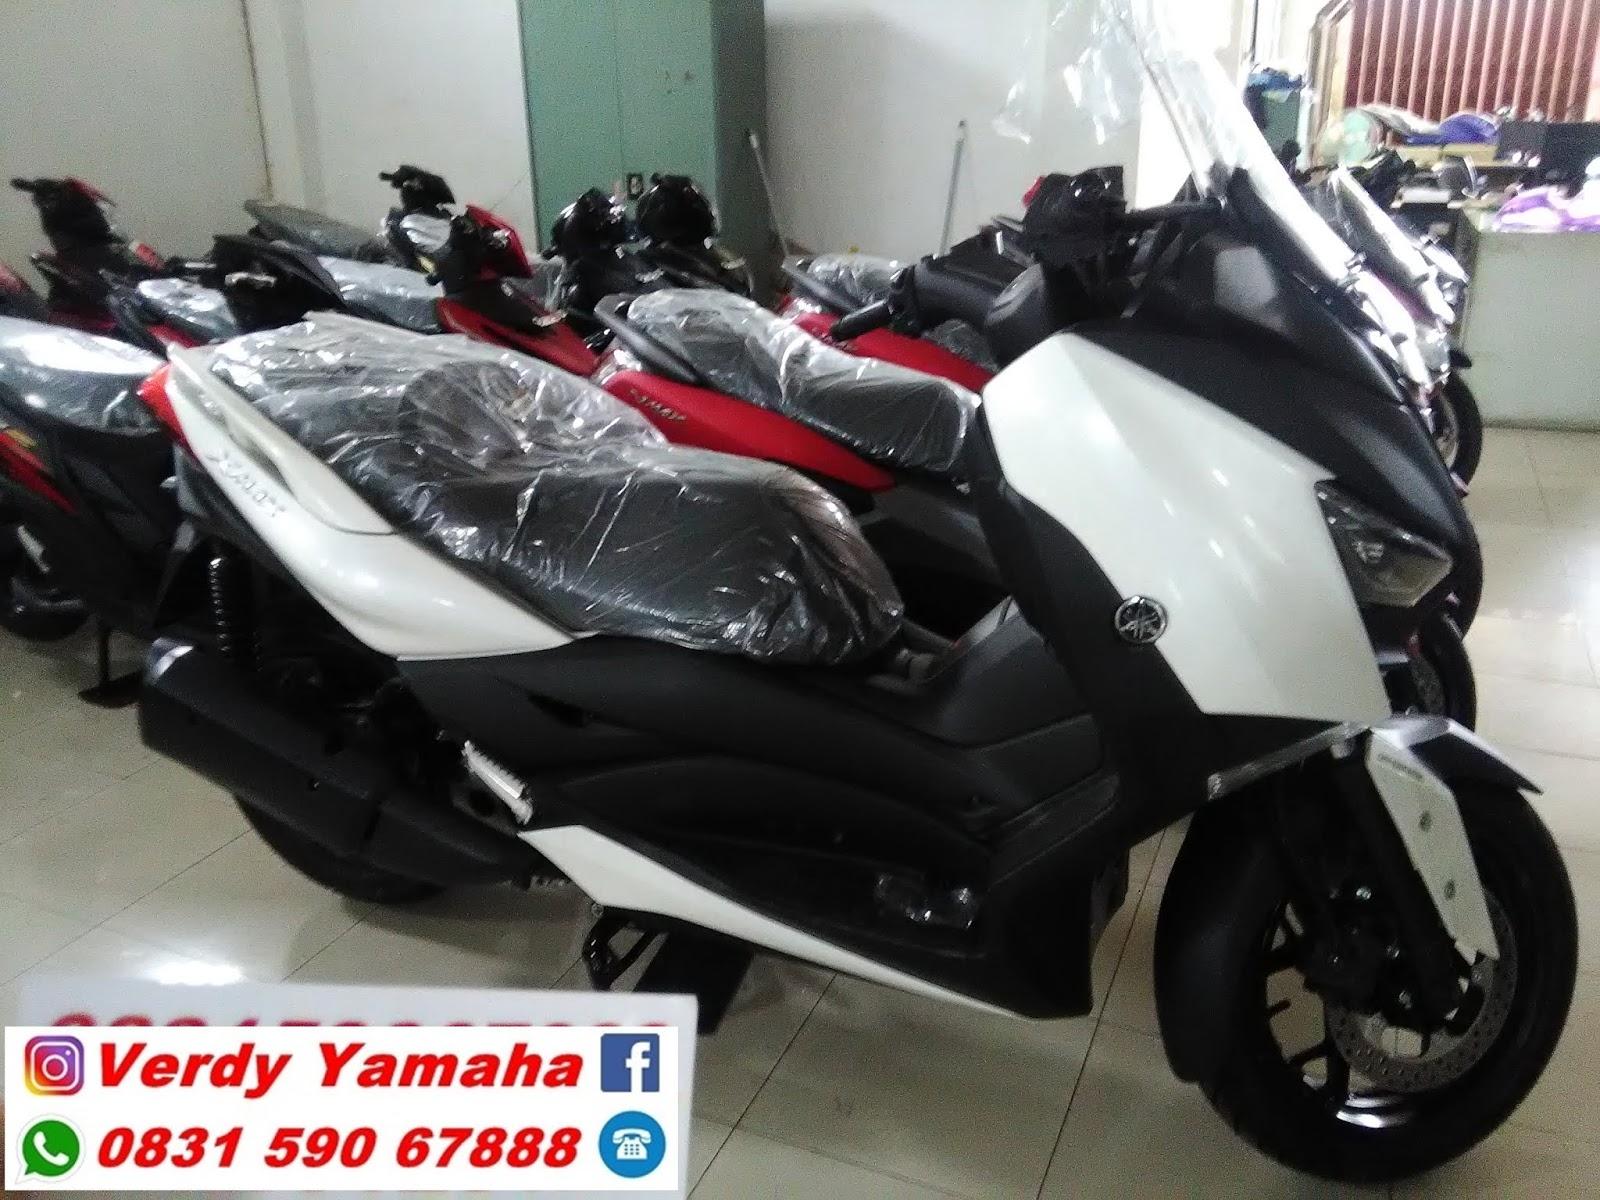 Yamahabjmcom Maret 2018 New Vario 110 Esp Cbs Iss Grande White Kab Semarang Promo September Ceria